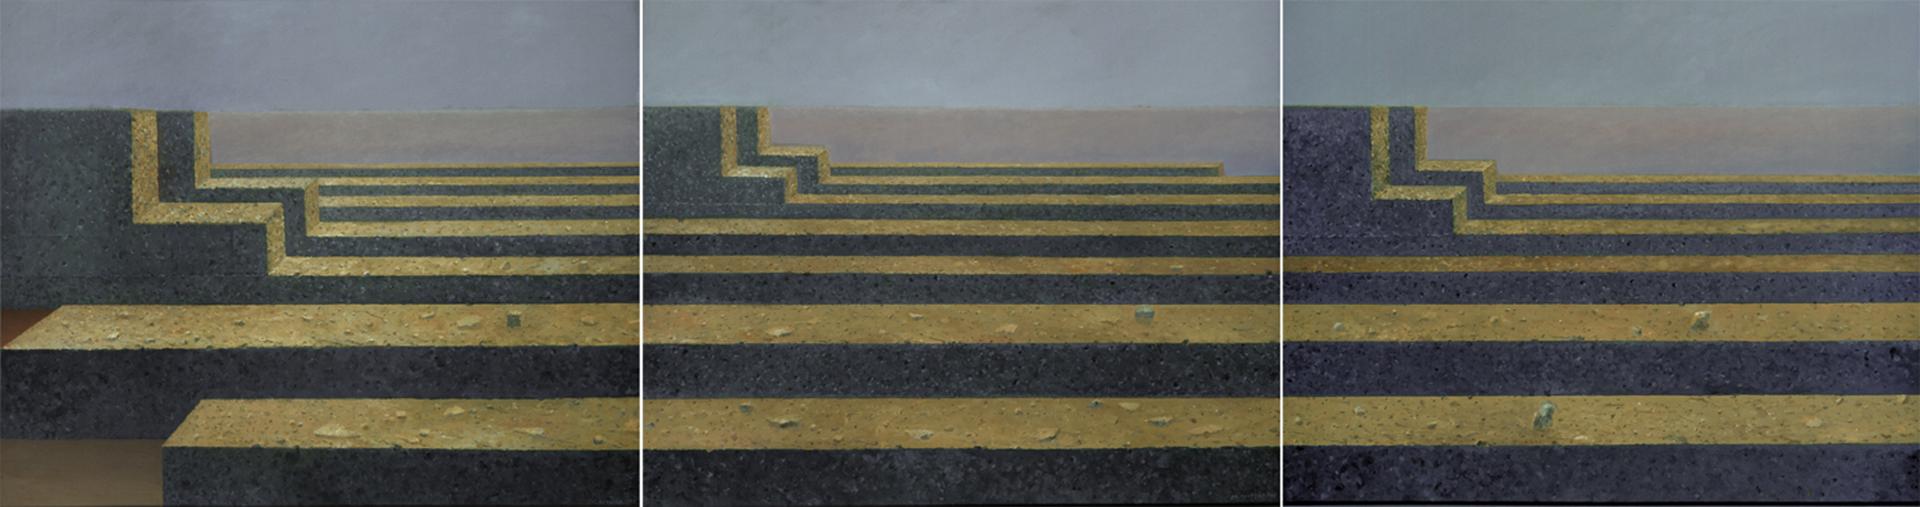 Niekonczaca sie podroz I-III 2007,olej płótno, 120x150 x3